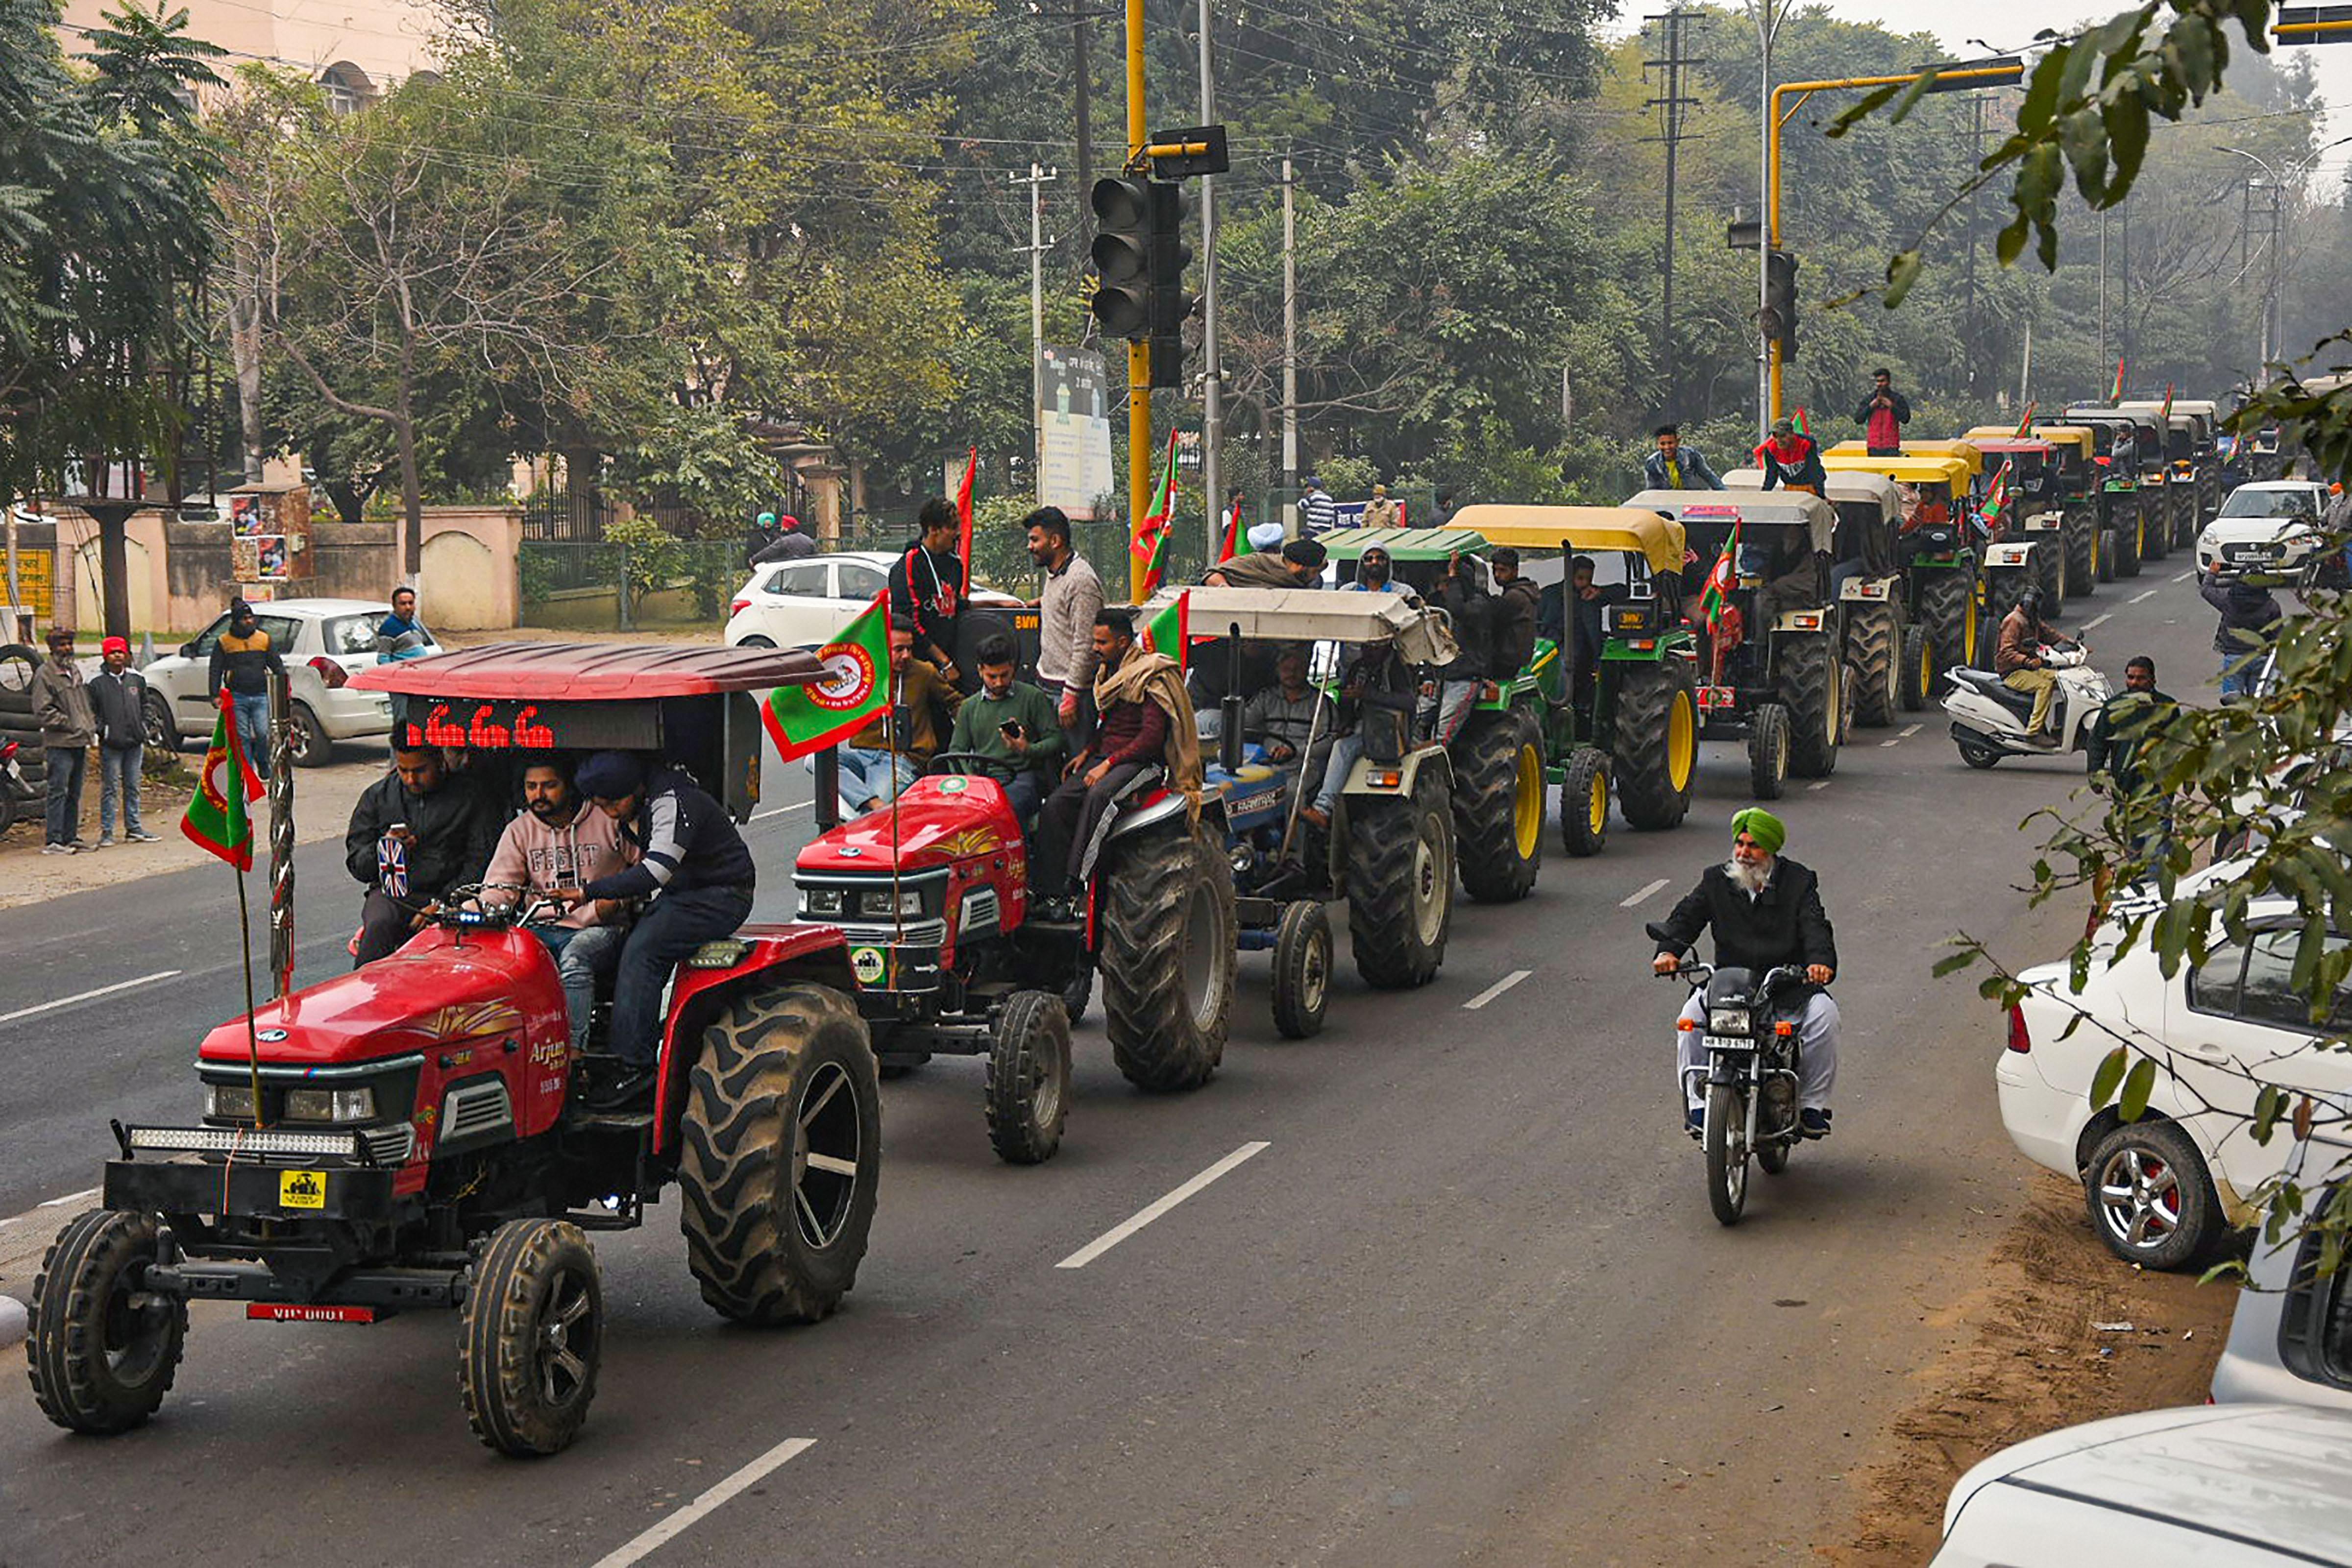 ખેડૂત નેતાનો દાવો- દિલ્હી પોલીસે મંજૂરી આપી, પોલીસે કહ્યું- વાતચીત અંતિમ તબક્કામાં છે|ઈન્ડિયા,National - Divya Bhaskar